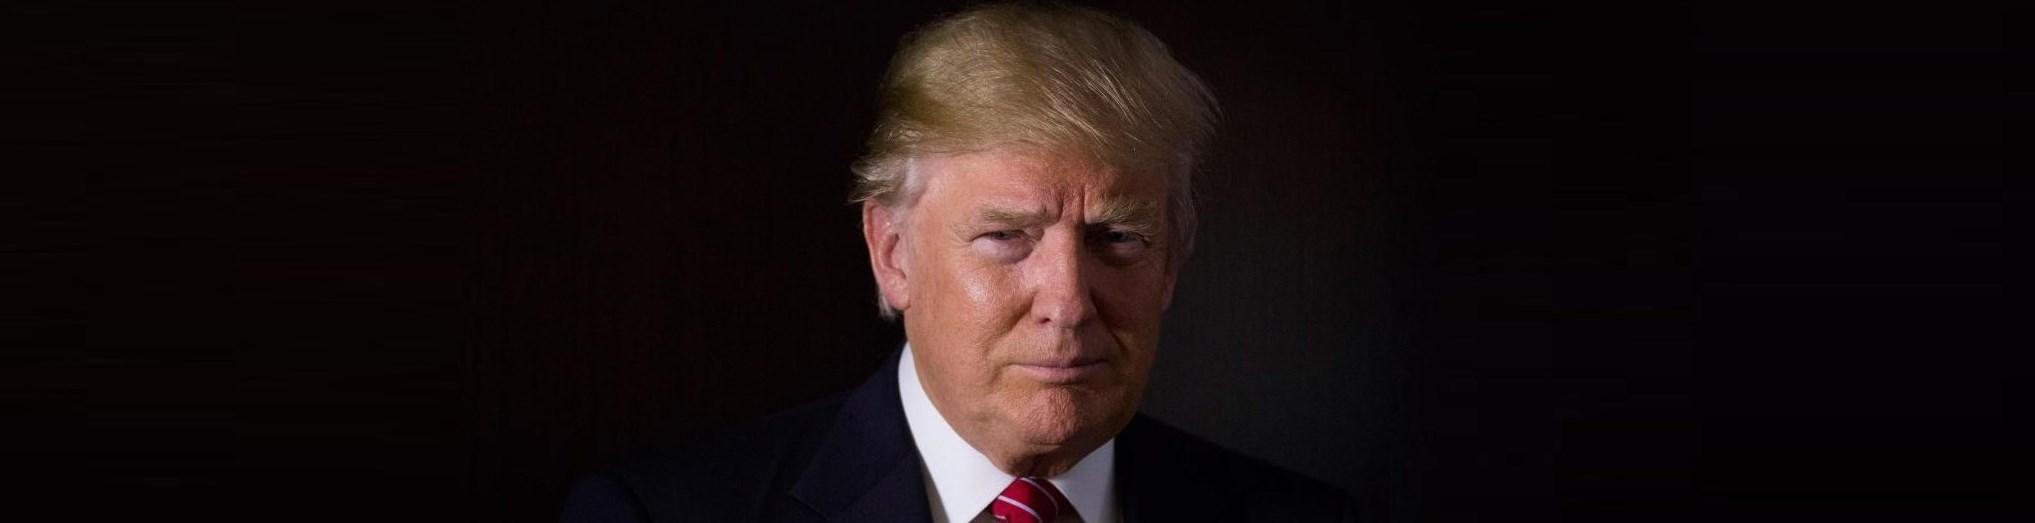 1395081909465822191497110 - ترامپ رئیسجمهور آمریکا شد